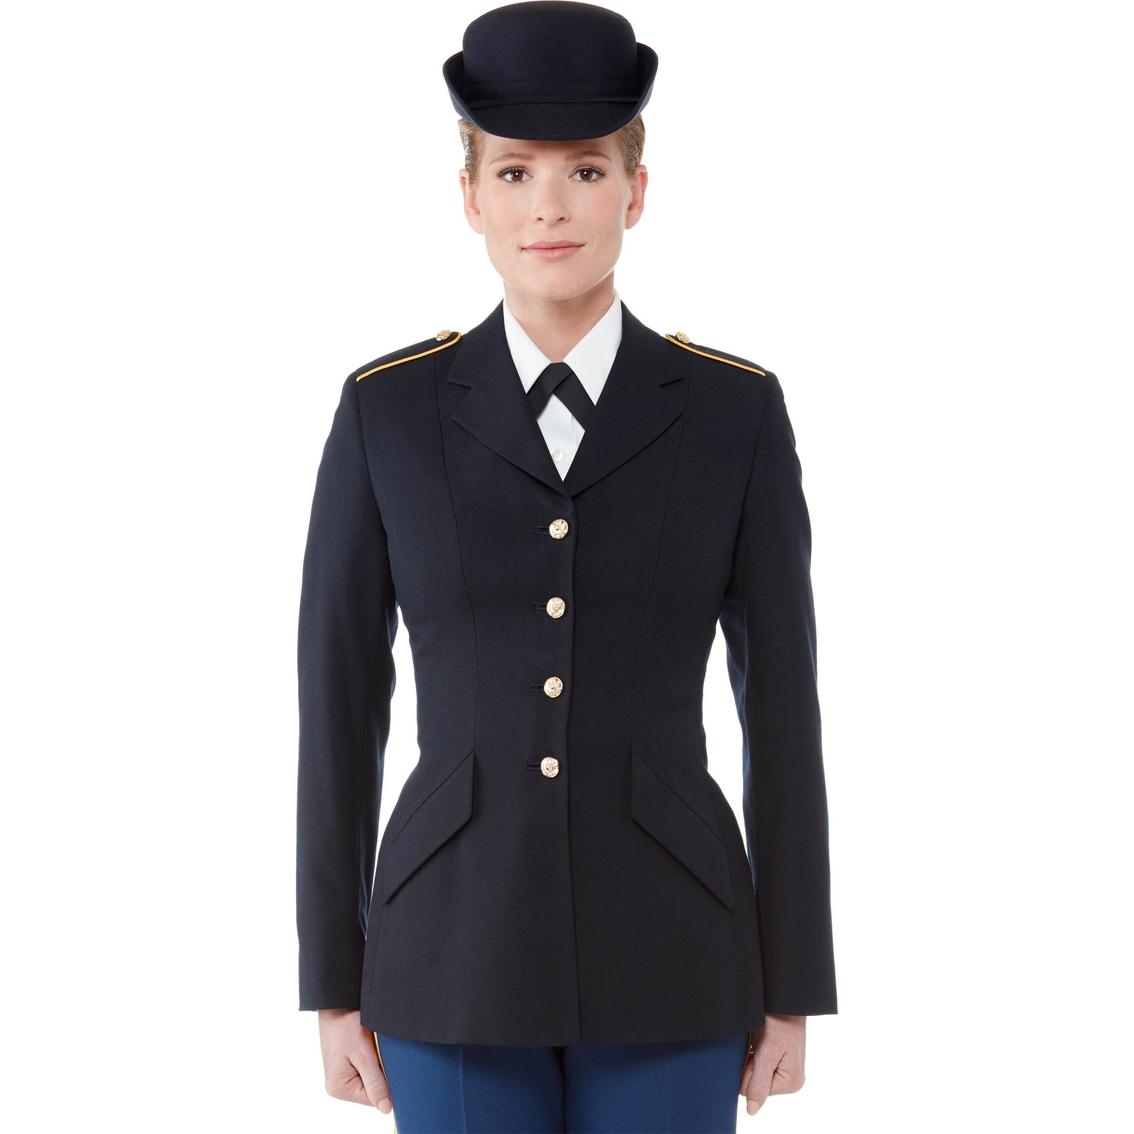 Army Uniform Measurements